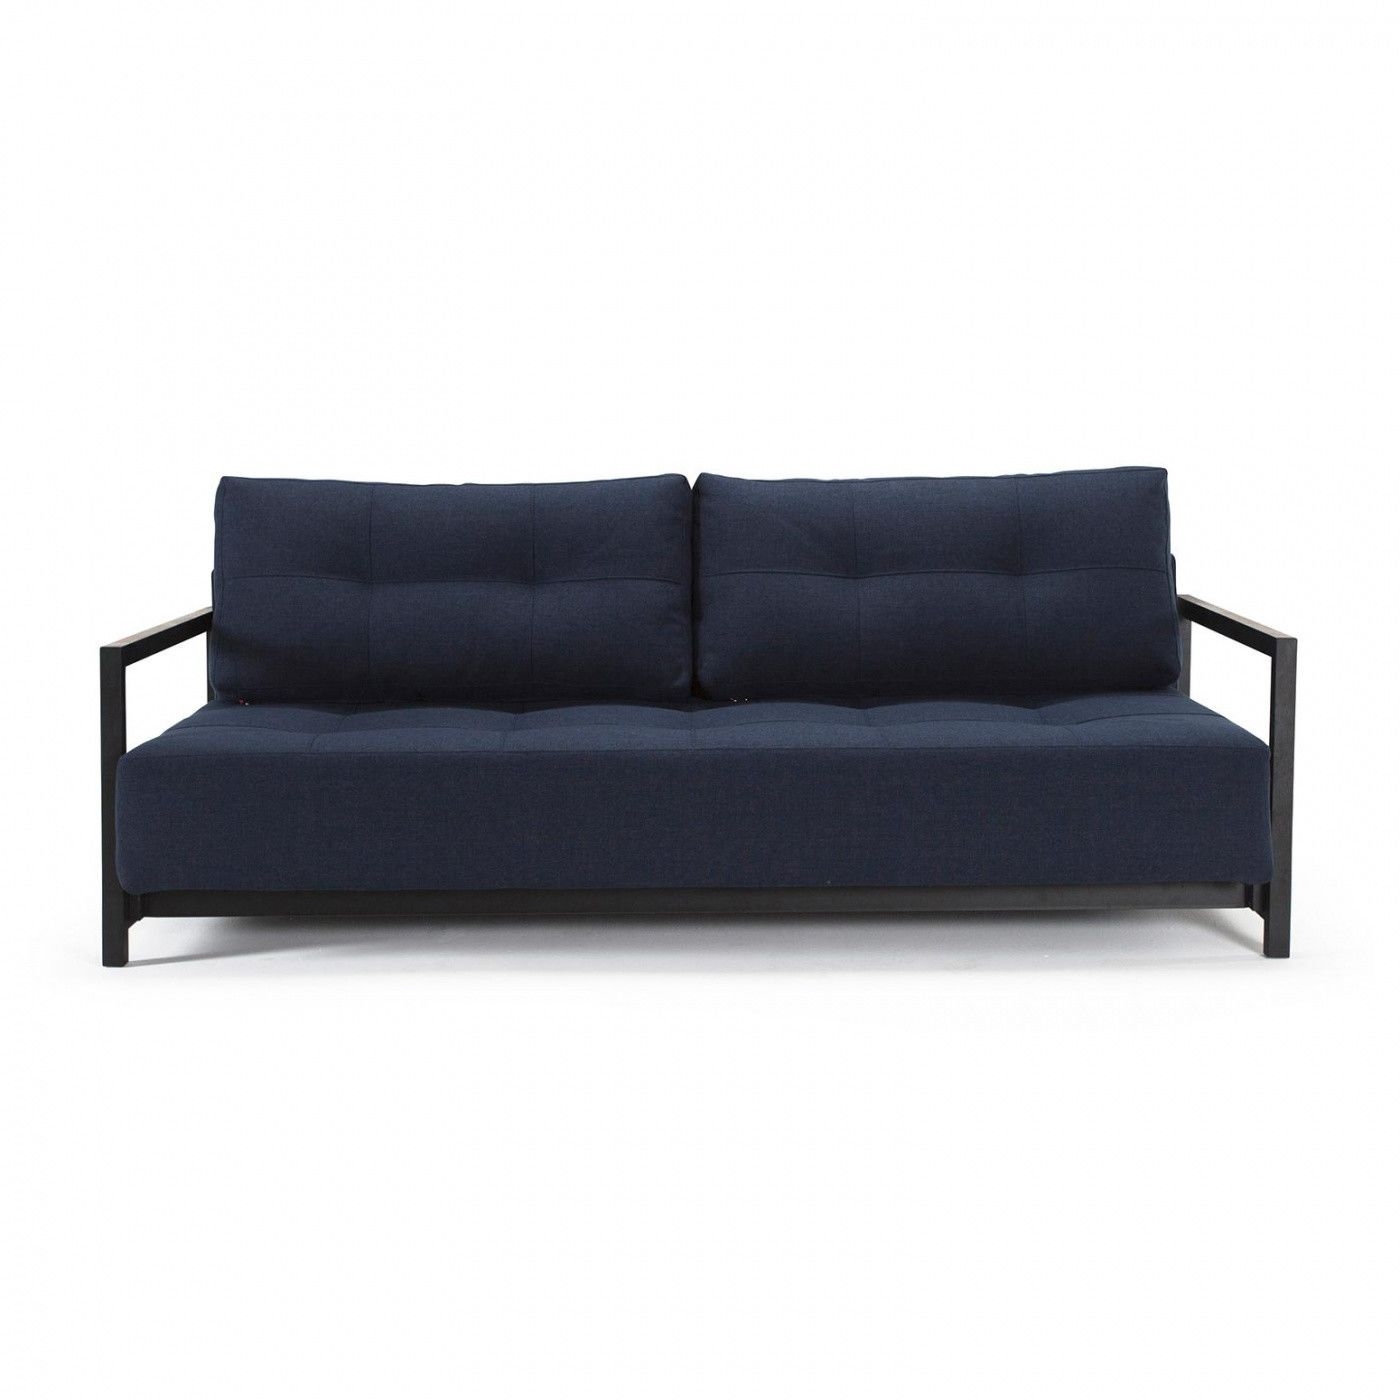 Ansprechend Sofa Mit Kopfstütze Dekoration Von